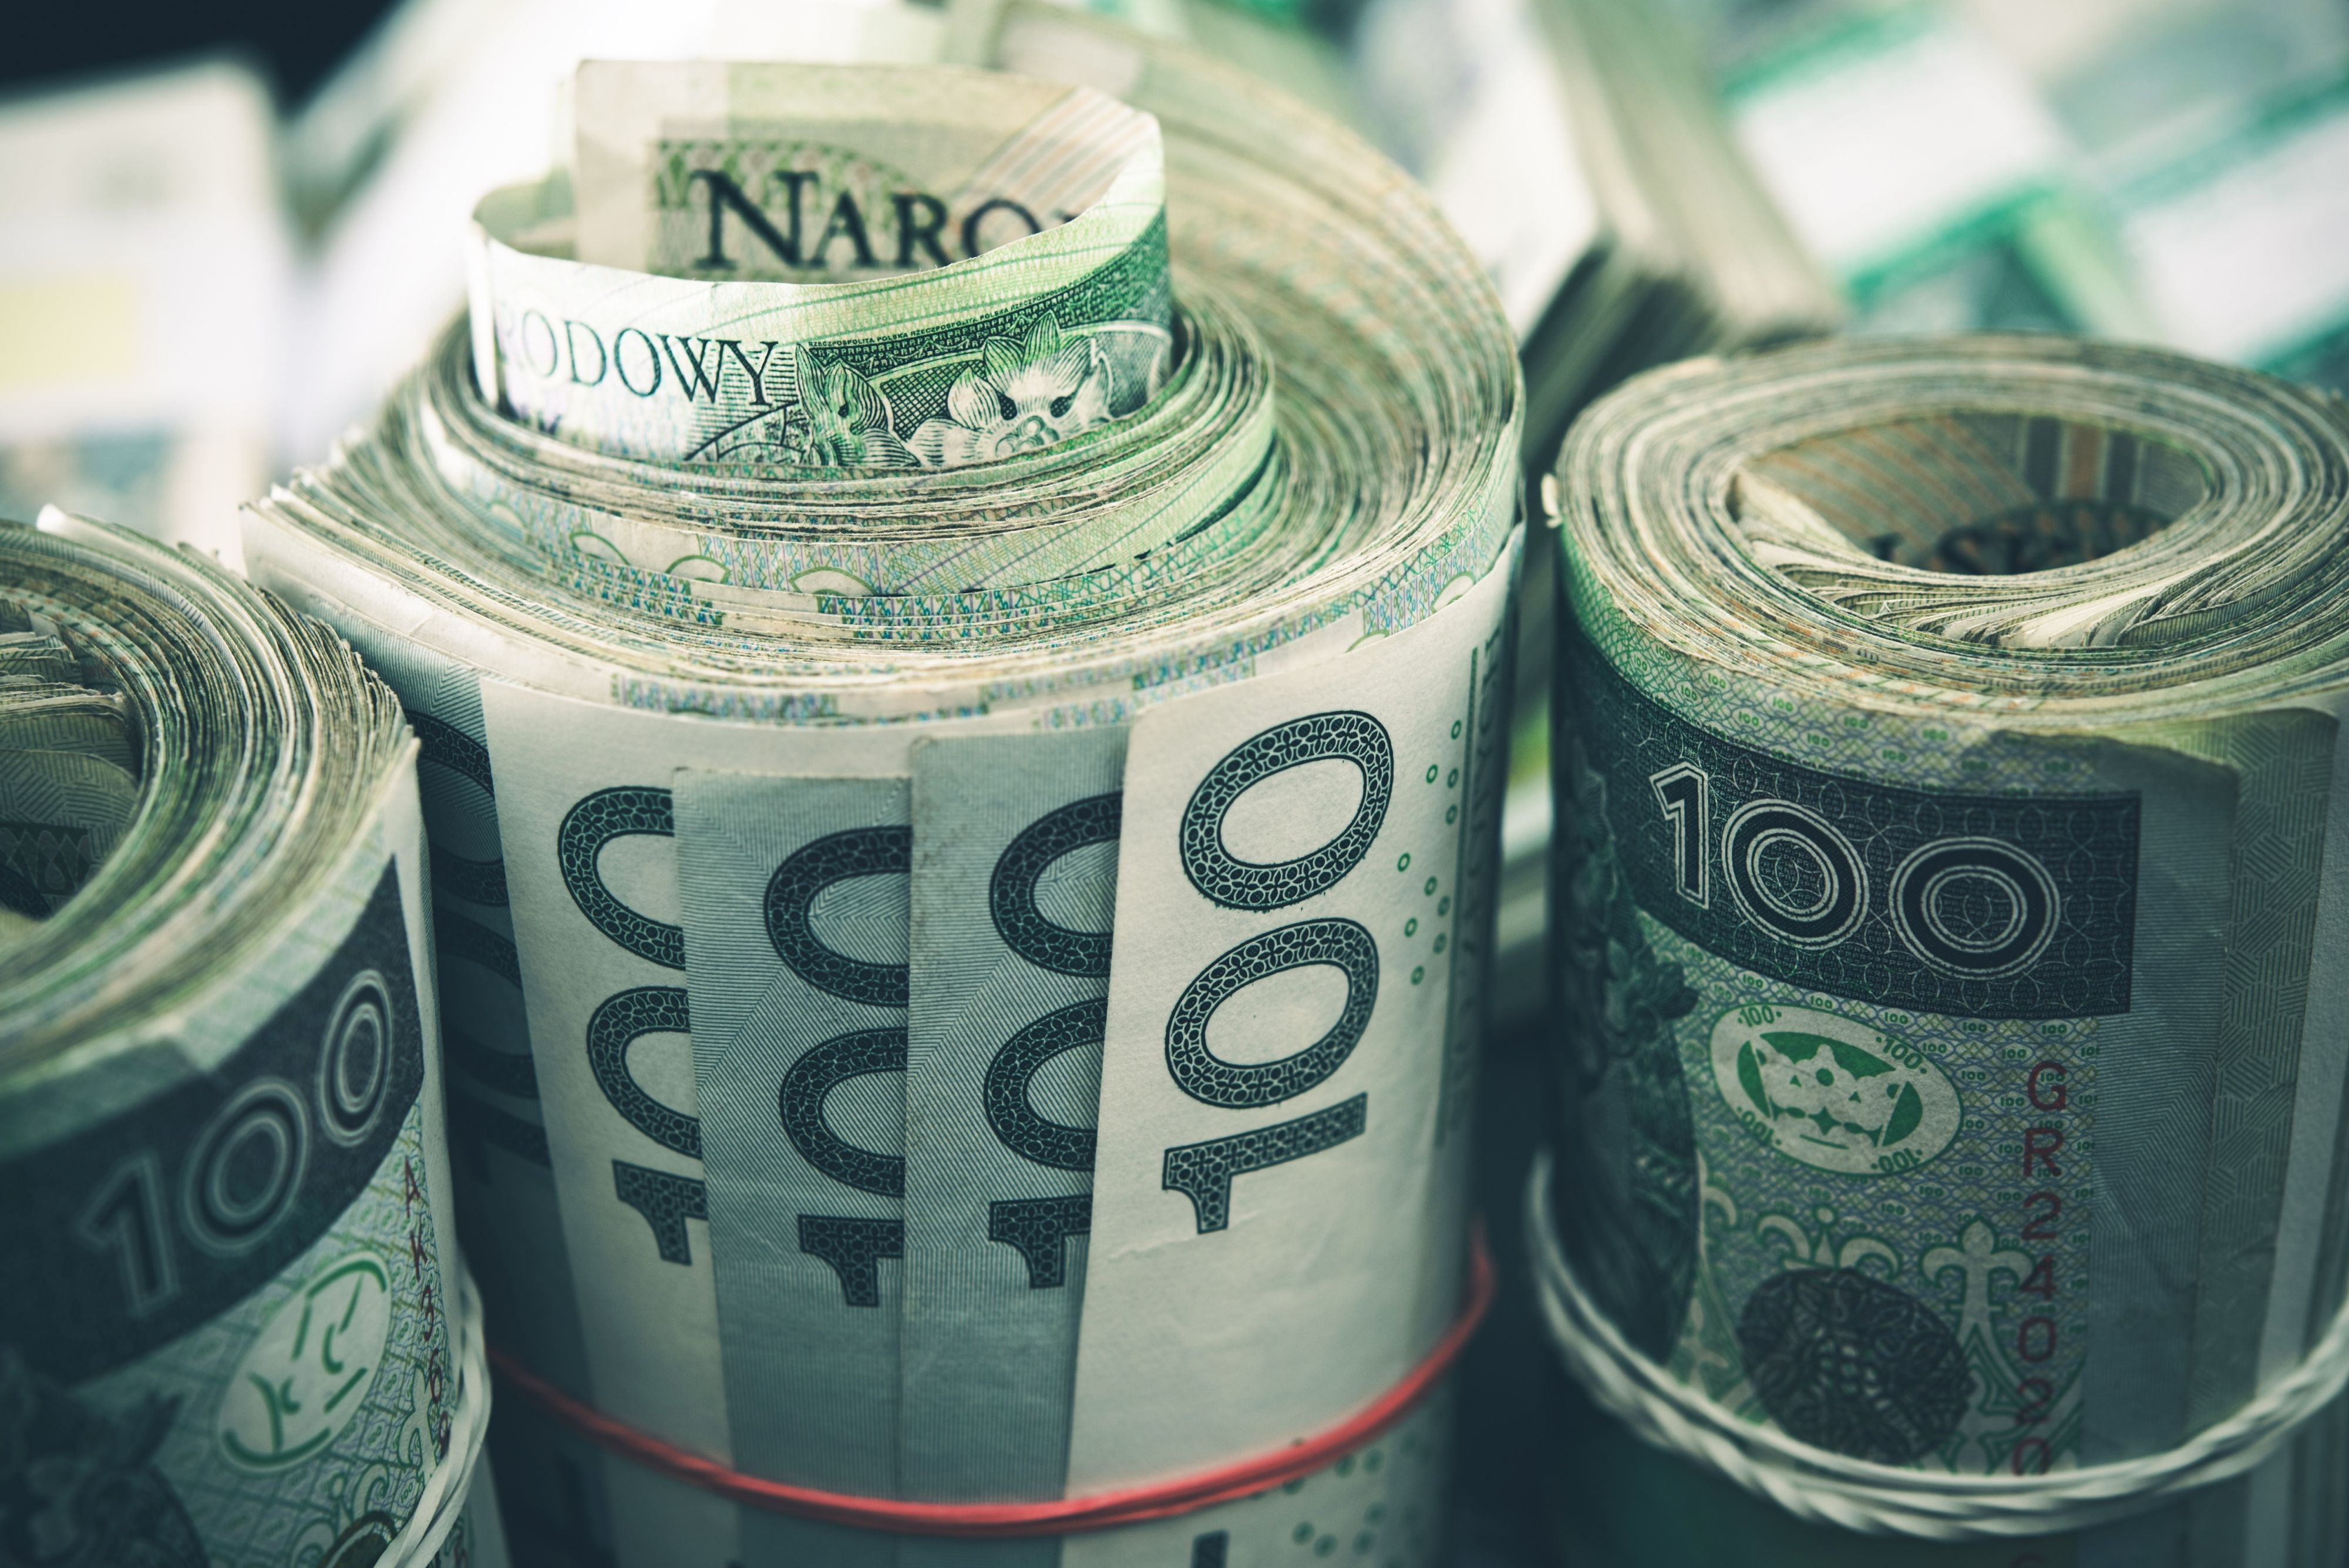 Wyższa płaca minimalna doprowadzi do wzrostu inflacji (Fot. Shutterstock)